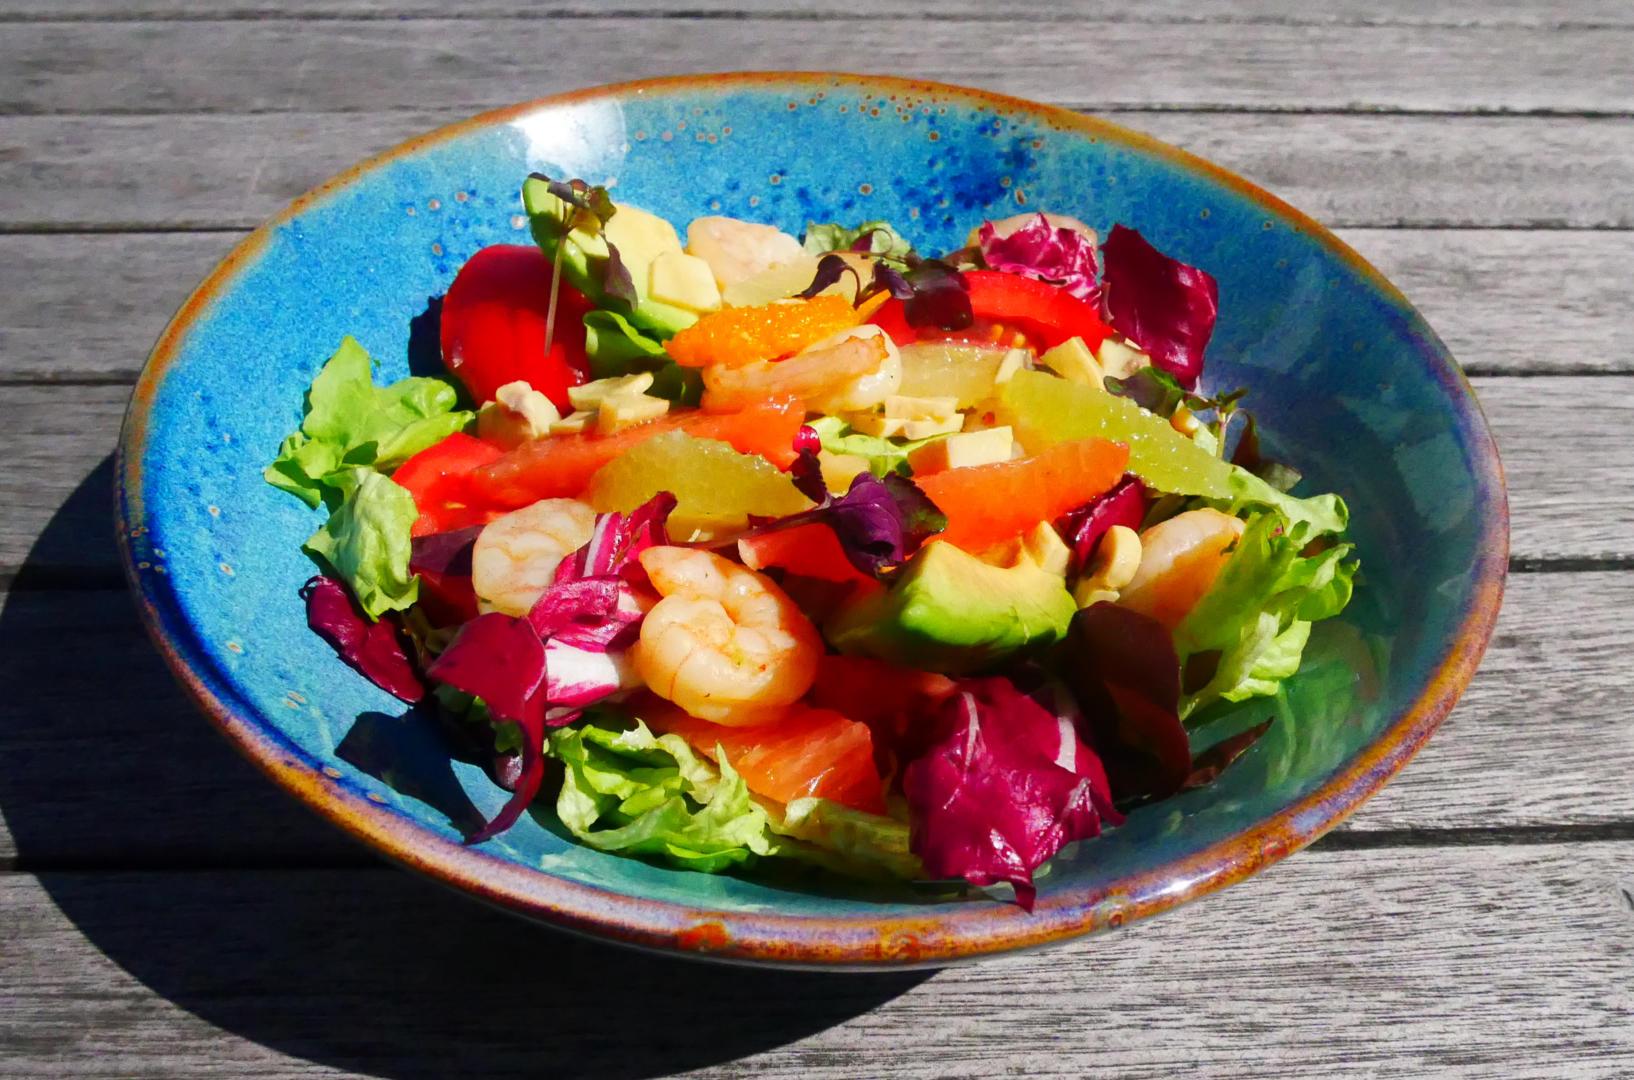 Scampis marinés, champignons Bouton, avocat, tomates, suprêmes d'agrumes, mesclun de salade & vinaigrette à l'échalote